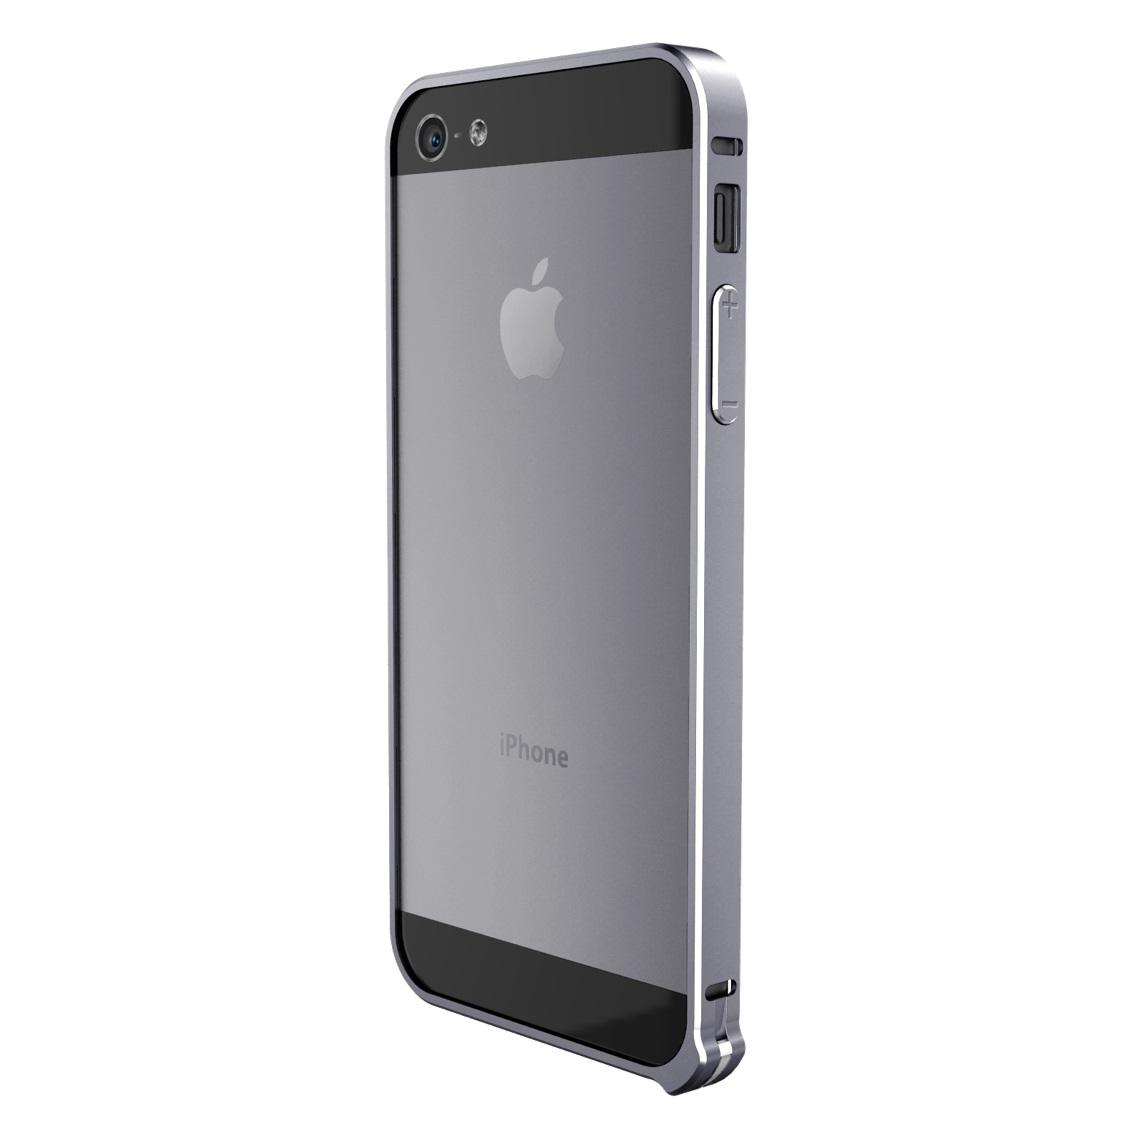 Bumper Xdoria Iphone 5s titanium